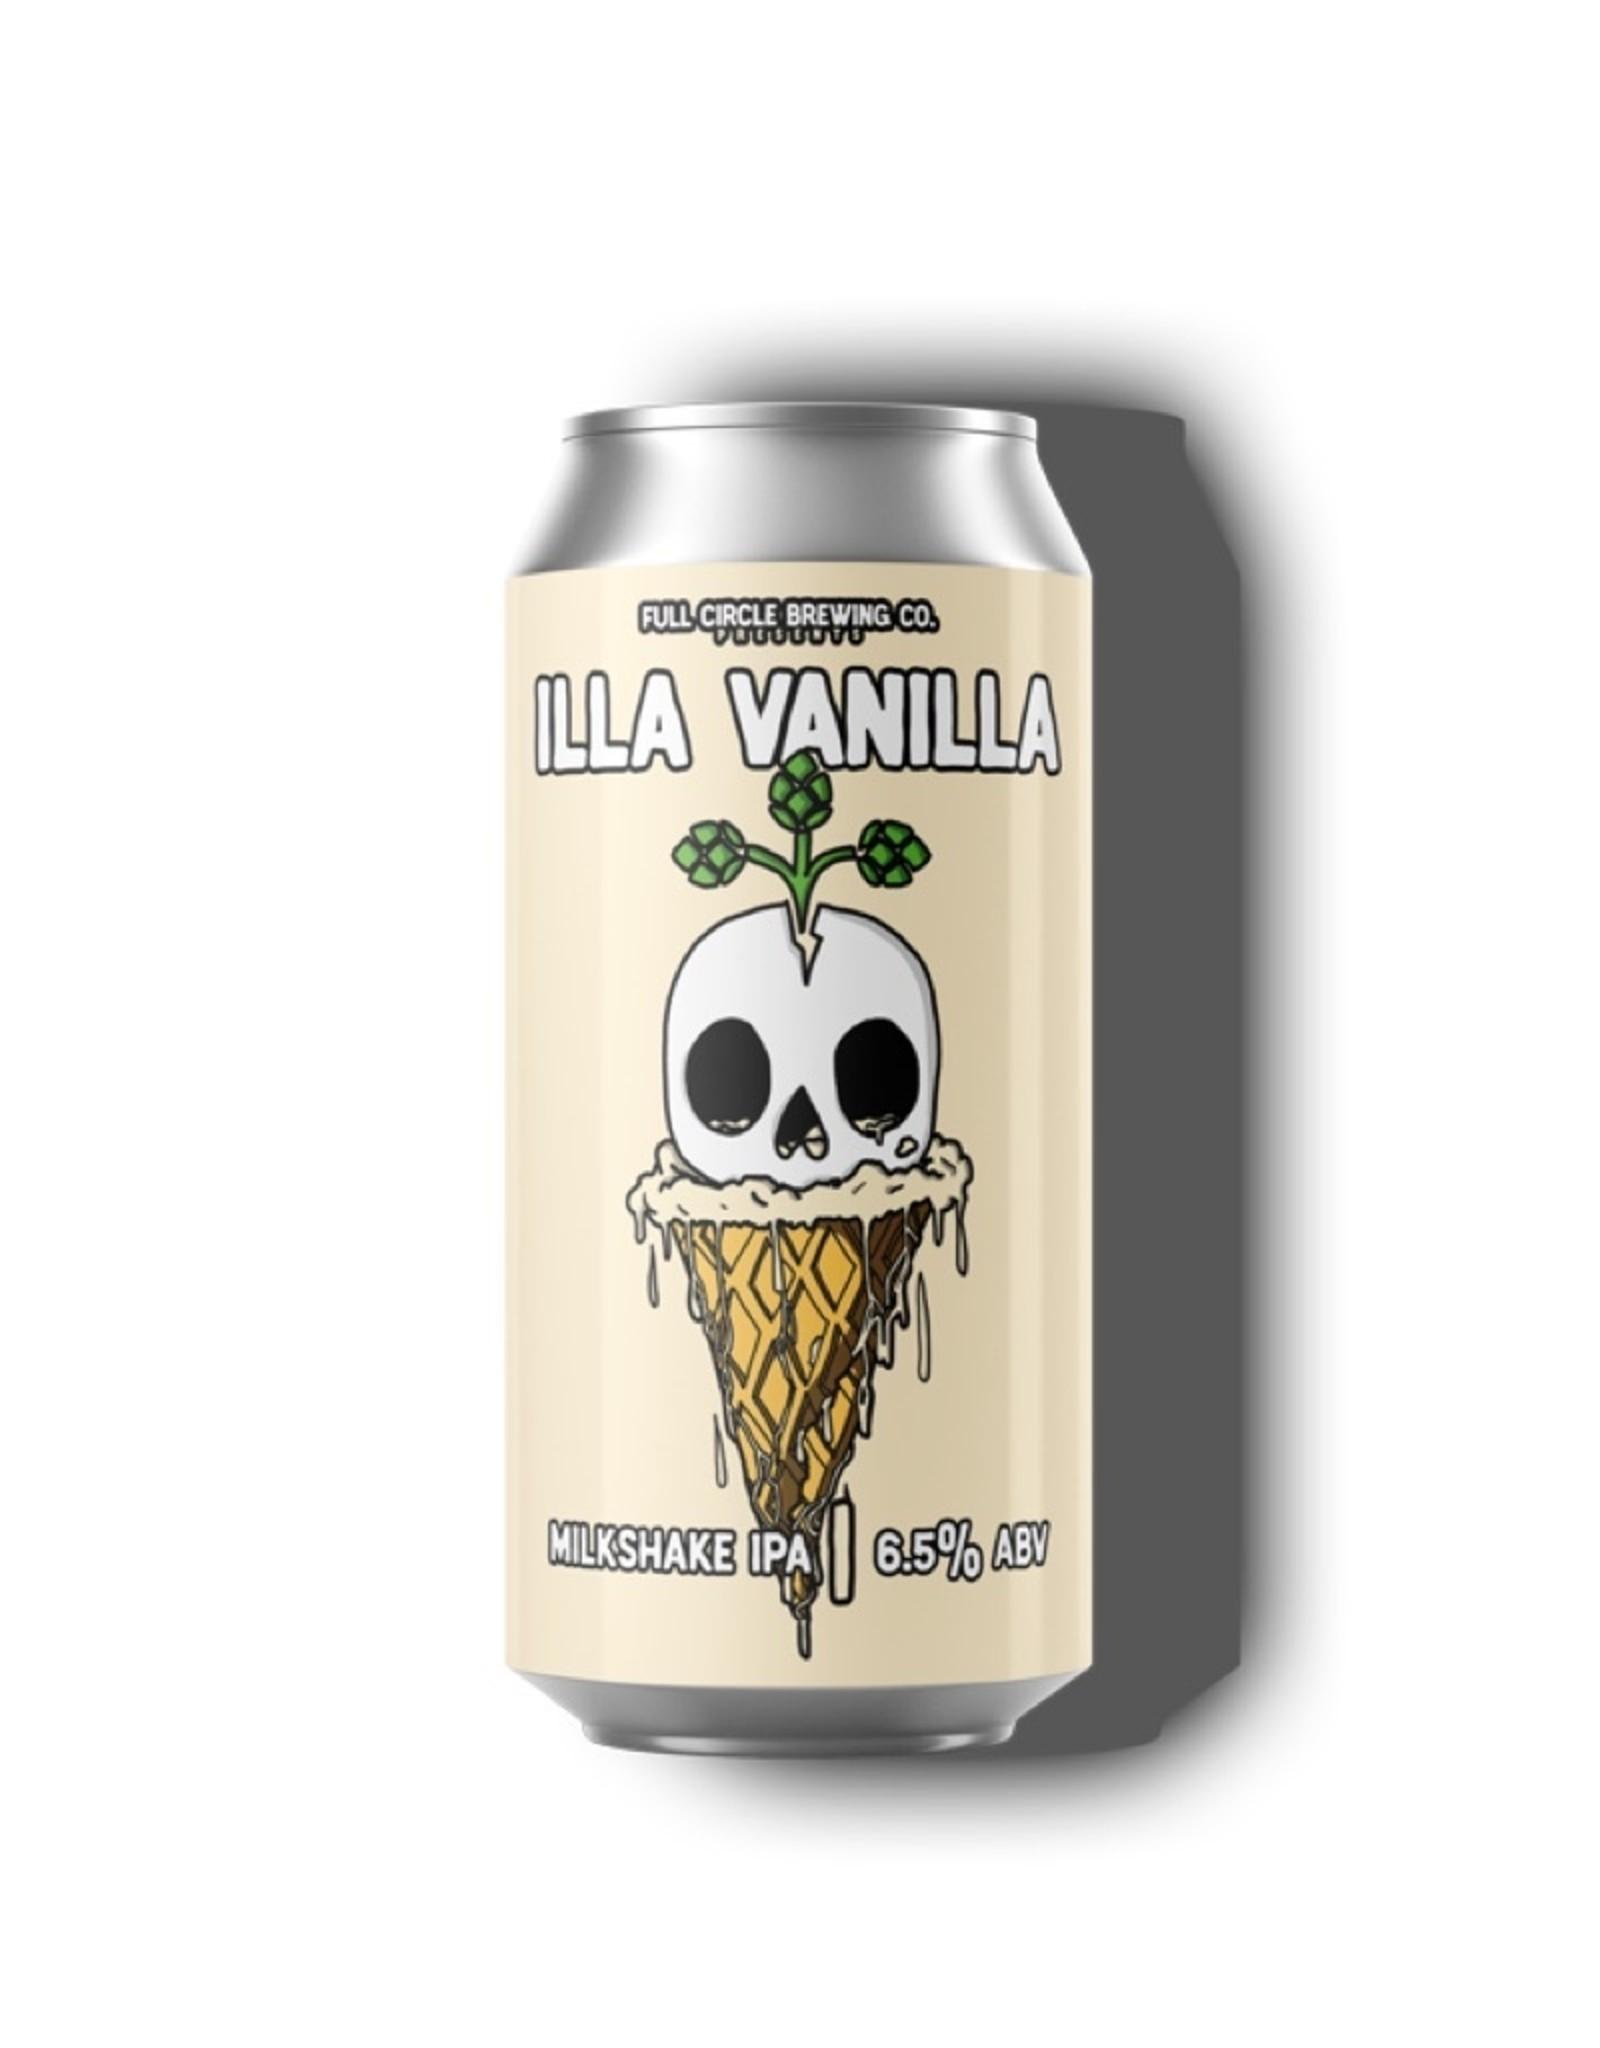 Full Circle Brewing Illa Vanilla Milkshake IPA